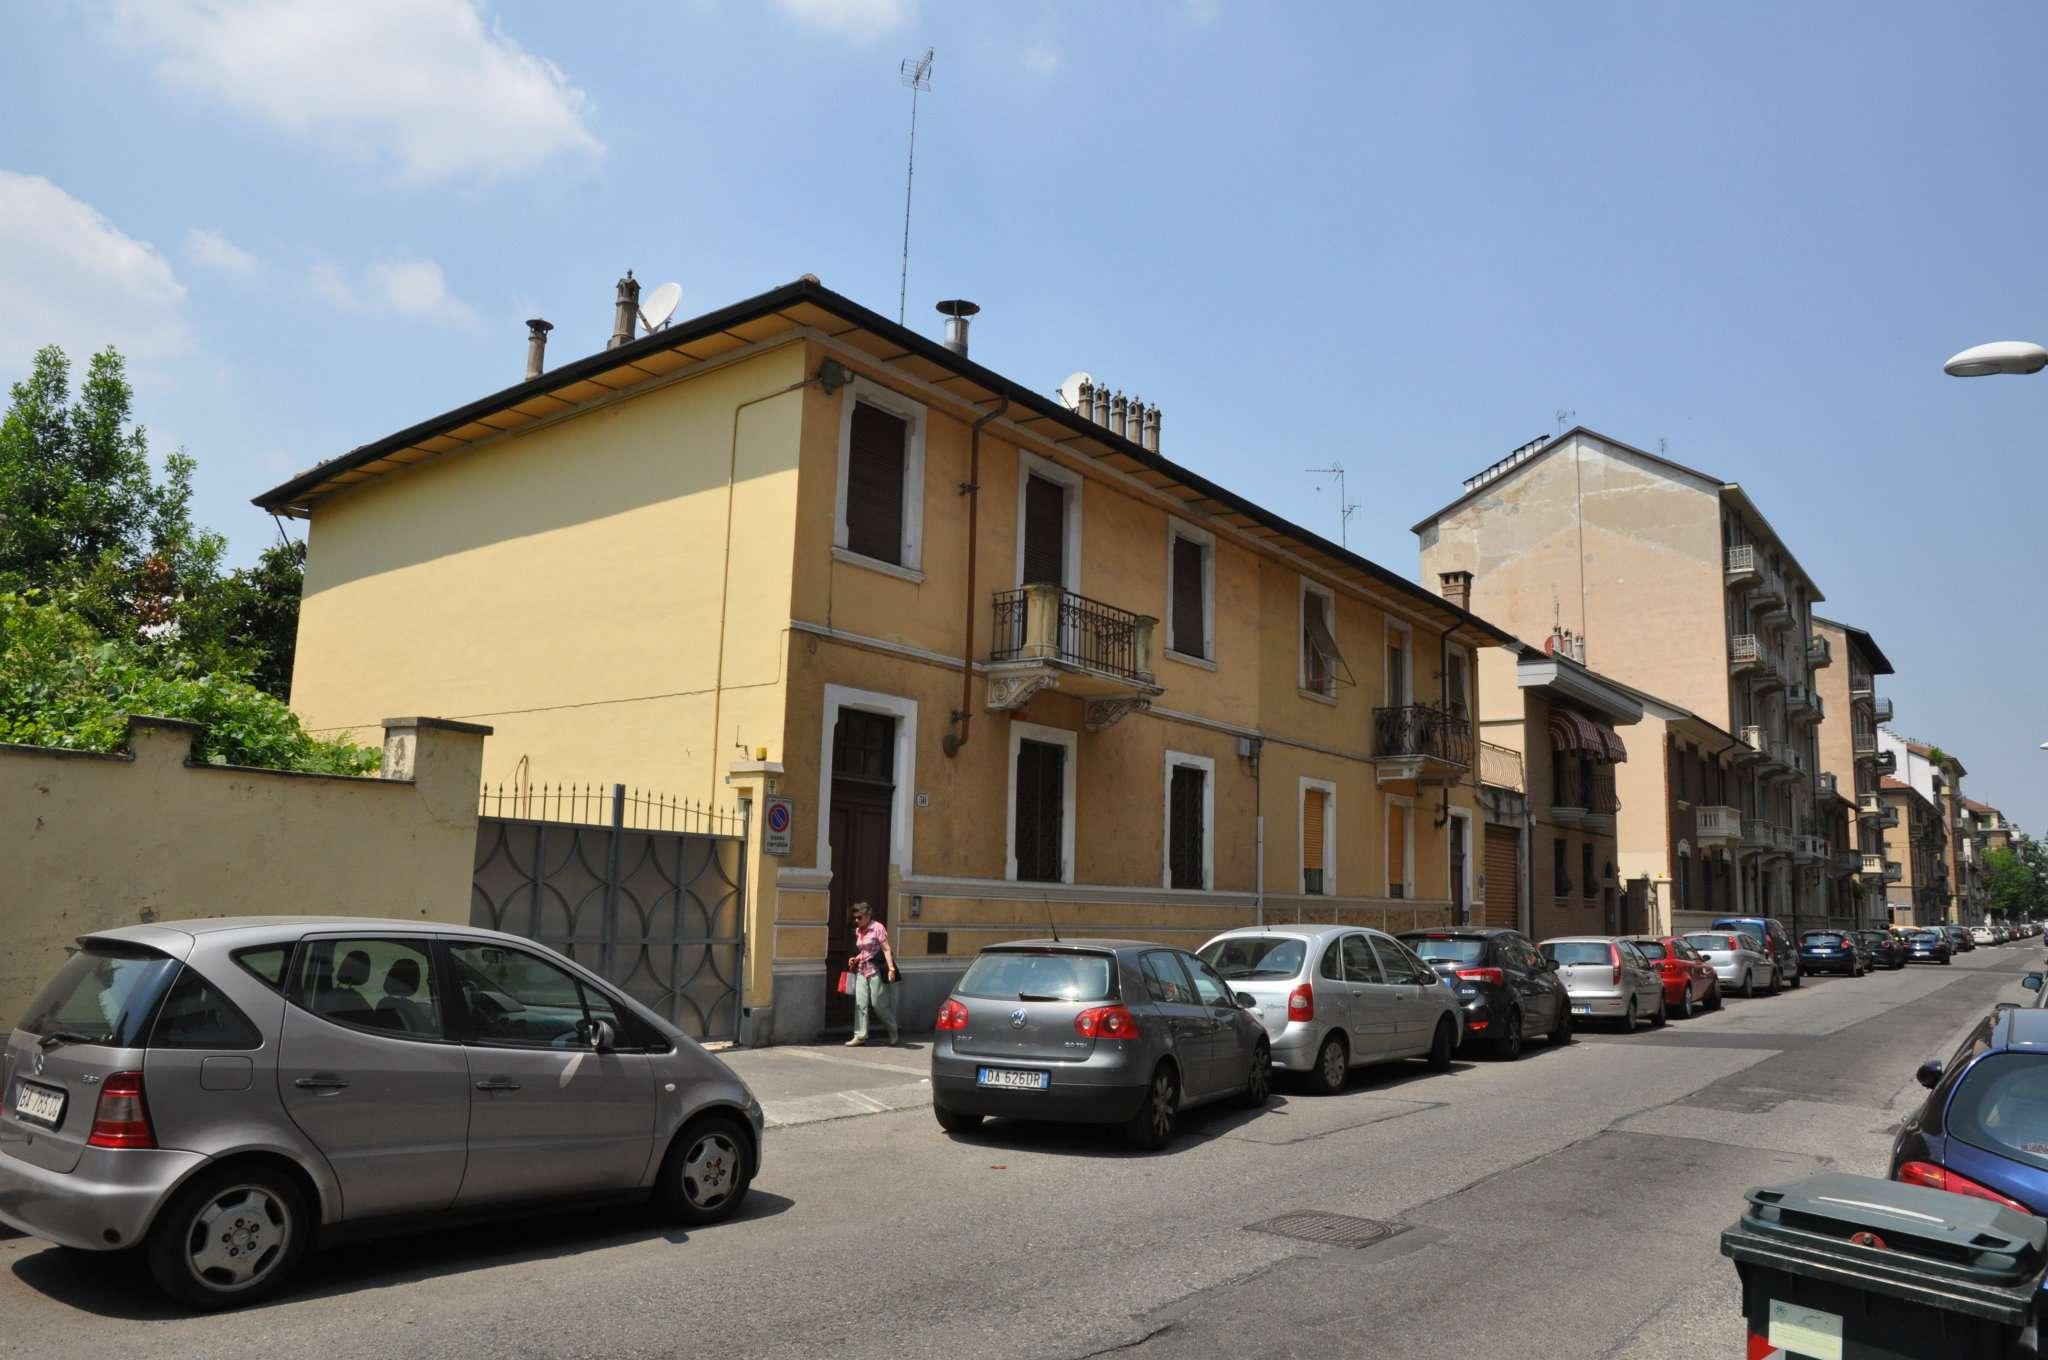 Foto 1 di Terratetto - Terracielo via Beaulard 50, Torino (zona Parella, Pozzo Strada)